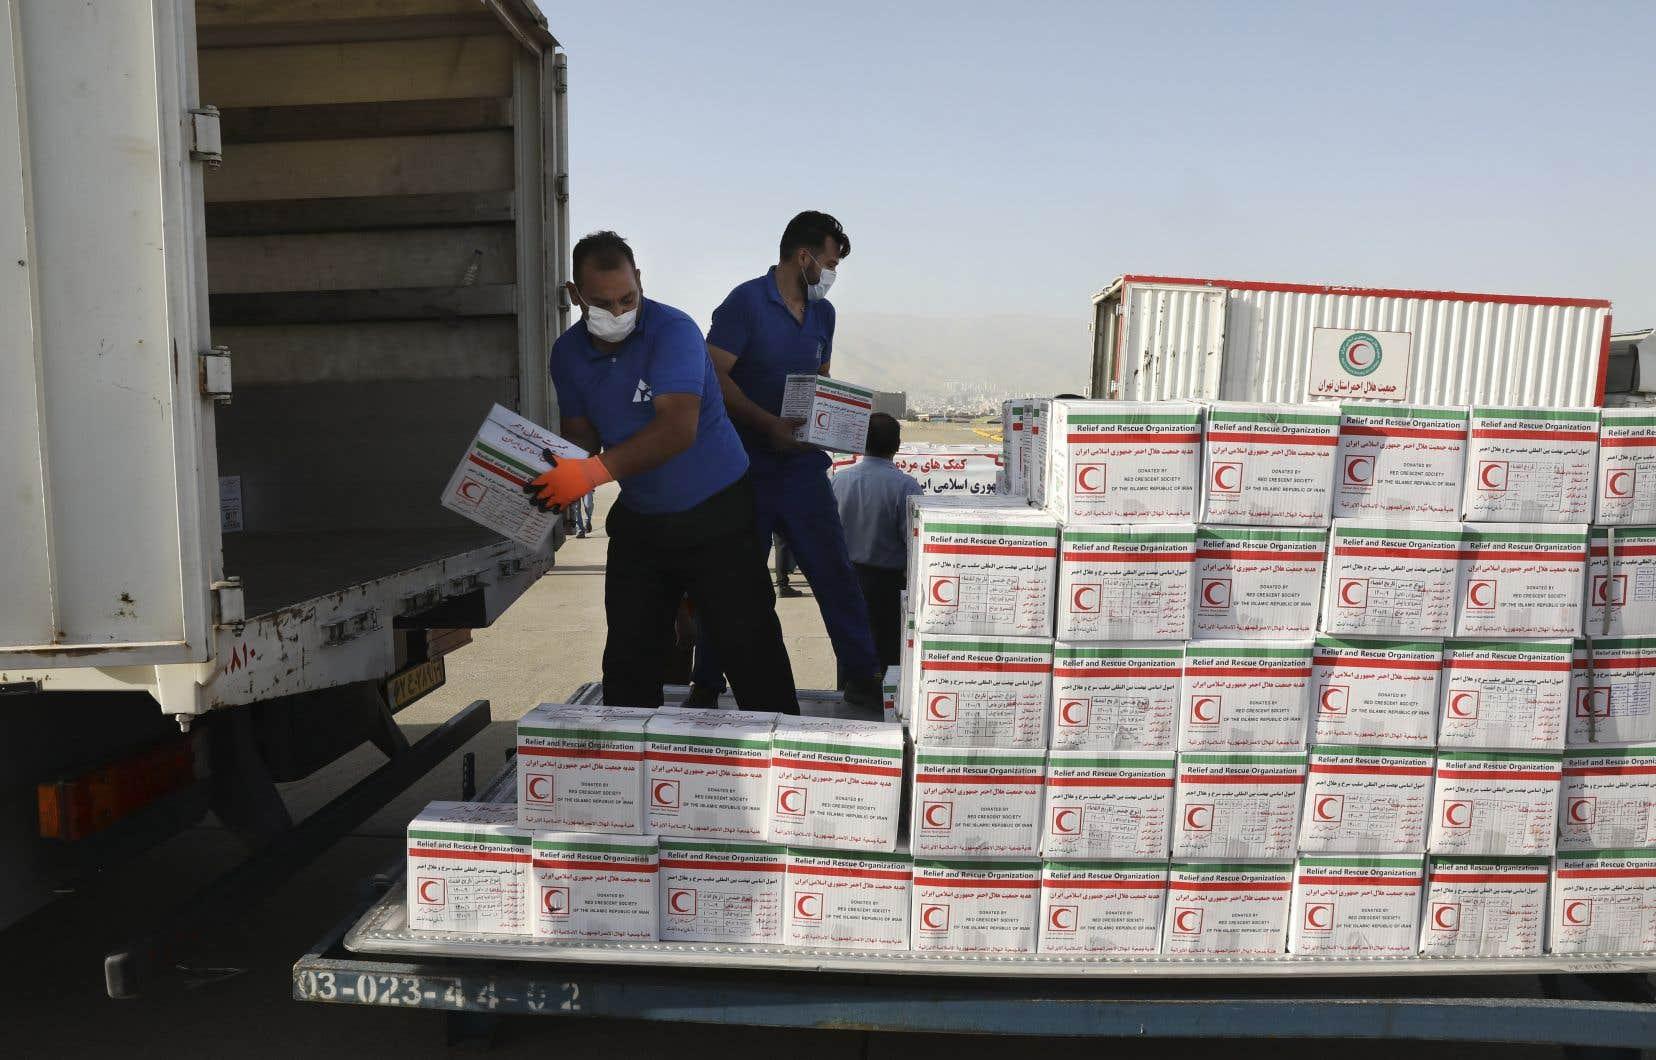 Des travailleurs iraniens déchargent des marchandises d'aide sanitaire destinées à être chargées dans un avion à destination de Beyrouth.